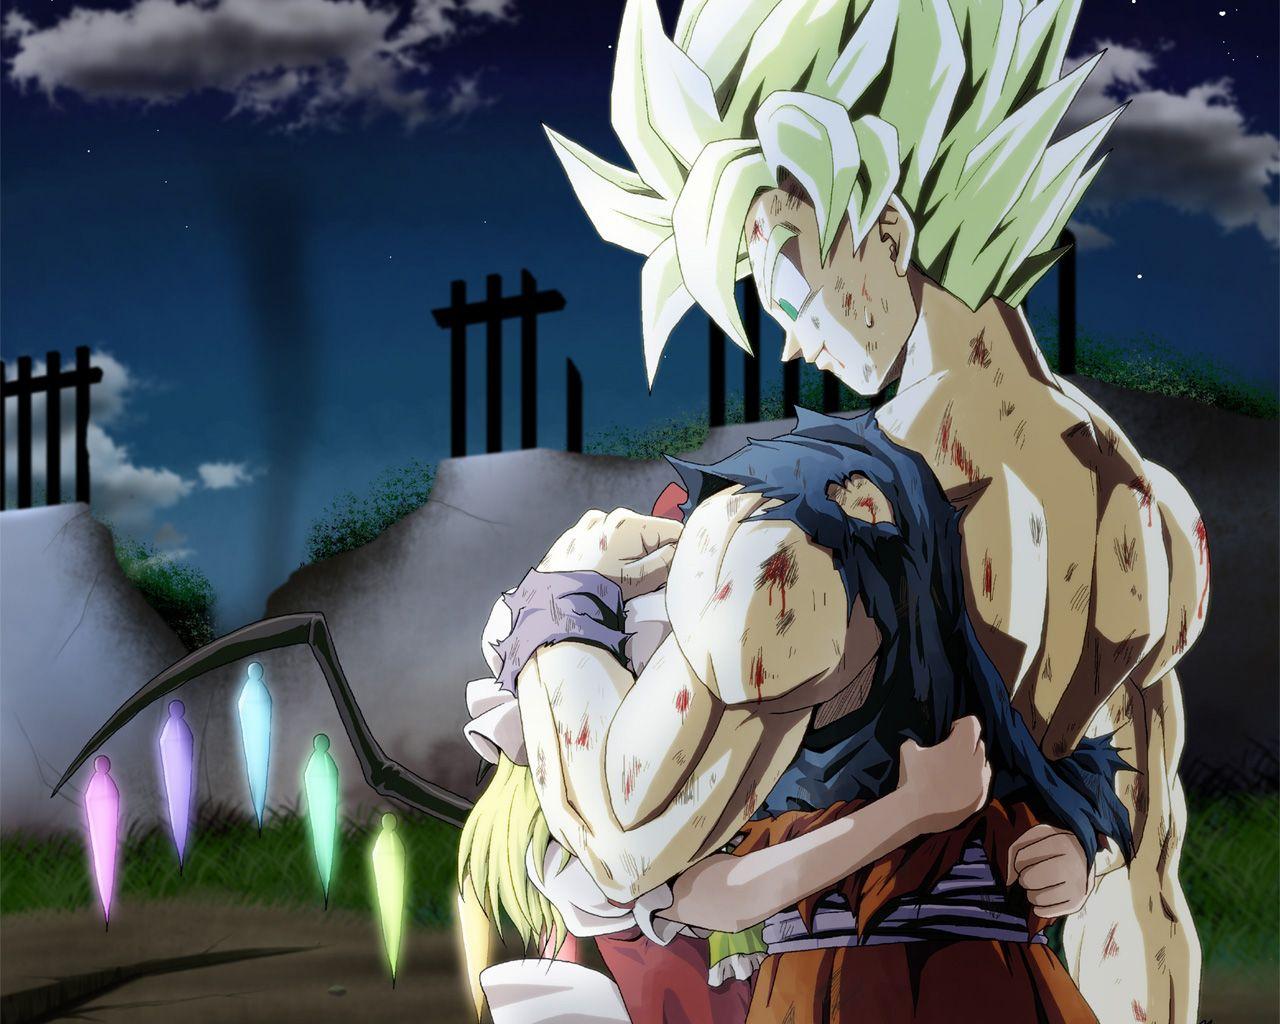 flan hugging goku anime dragon ball goku dragon ball super goku dragon ball artwork